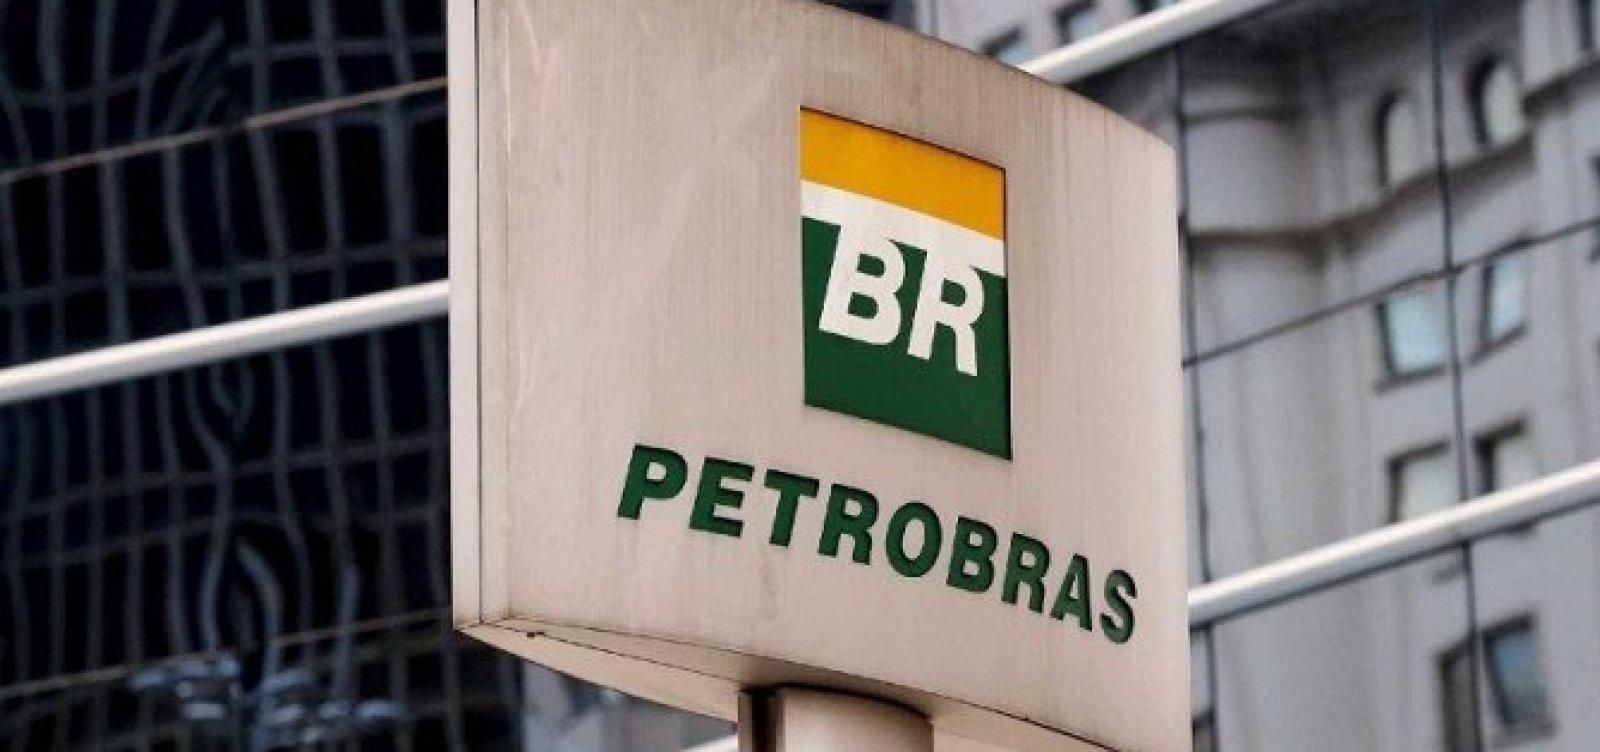 Petrobras diminui preço de gasolina pela décima vez consecutiva